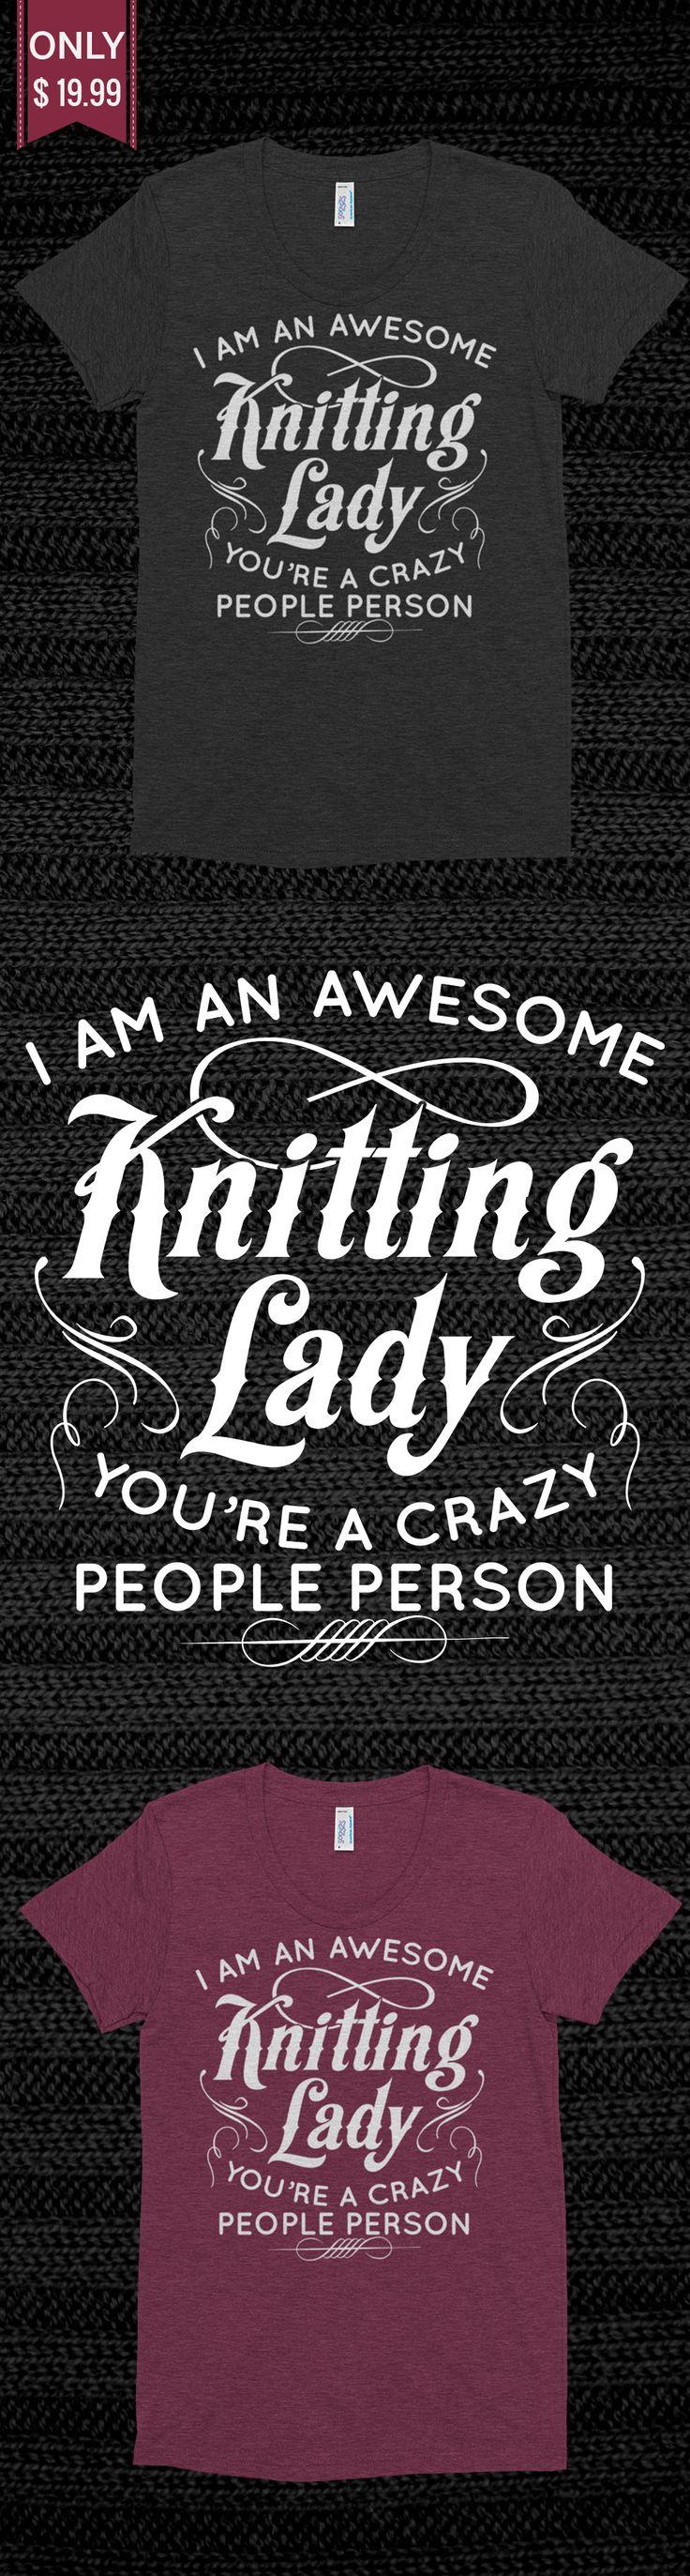 Knitting Jokes Gifts : Best knitting jokes images on pinterest